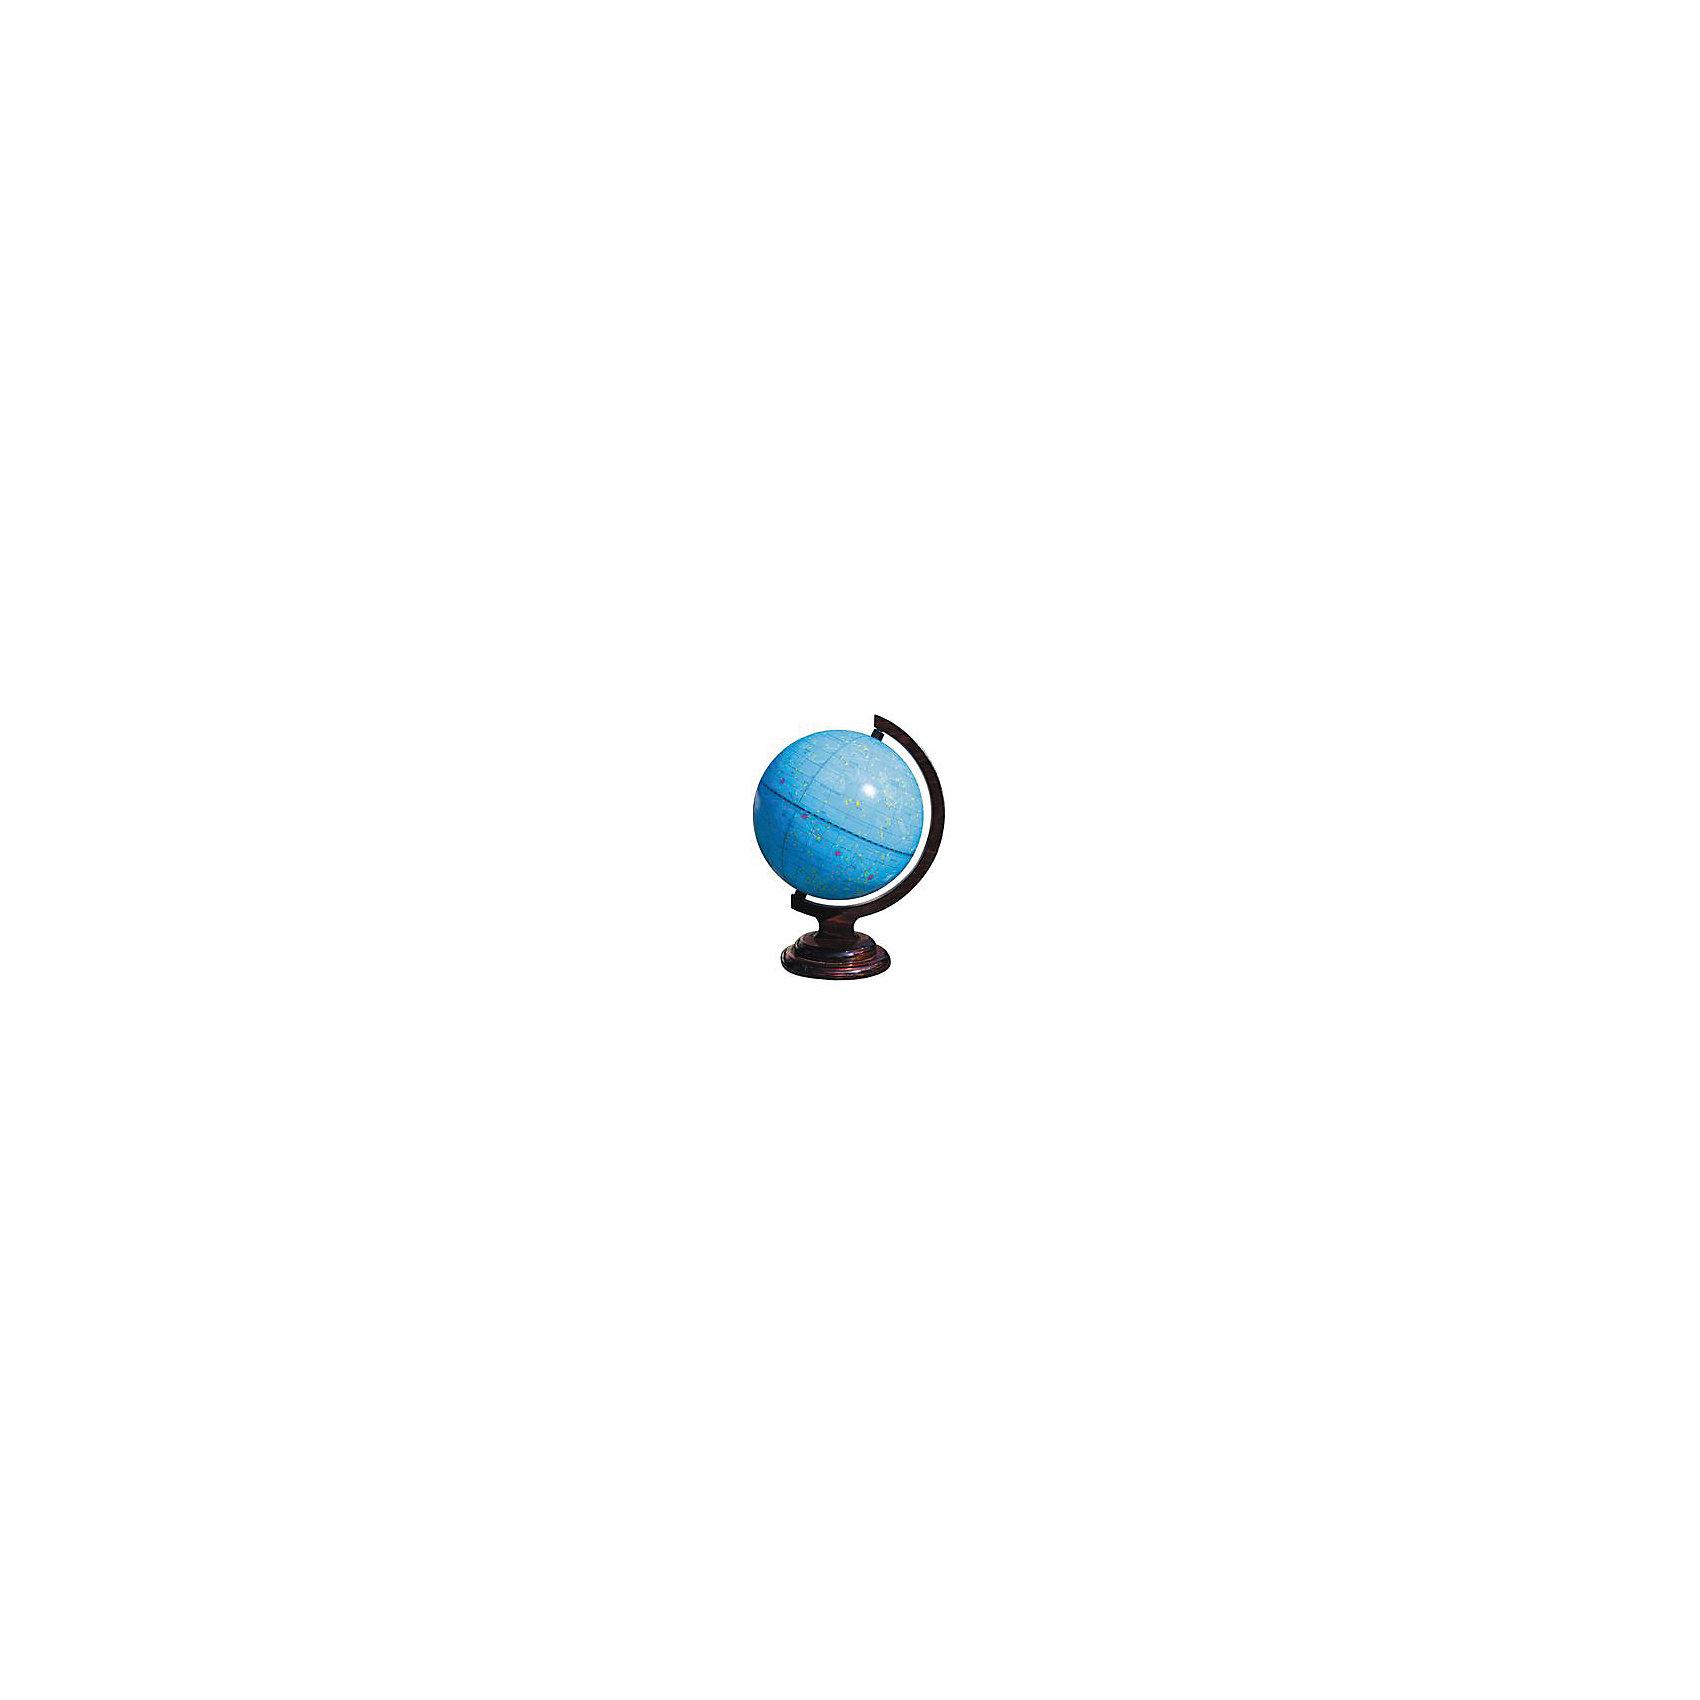 Глобус Звездного неба, диаметр 210 ммГлобусы<br>Характеристики товара:<br><br>• возраст от 6 лет;<br>• материал: пластик, дерево;<br>• цвет подставки: вишня, орех<br>• диаметр глобуса 210 мм;<br>• размер упаковки 30х21,7х21,7 см;<br>• вес упаковки 800 гр.;<br>• страна производитель: Россия.<br><br>Глобус Звездного неба 210 мм Глобусный мир познакомит детей с известными звездами, созвездиями. Названия всех звезд и созвездий нанесены на глобусе.<br><br>Глобус Звездного неба 210 мм Глобусный мир можно приобрести в нашем интернет-магазине.<br><br>Ширина мм: 217<br>Глубина мм: 217<br>Высота мм: 300<br>Вес г: 800<br>Возраст от месяцев: 72<br>Возраст до месяцев: 2147483647<br>Пол: Унисекс<br>Возраст: Детский<br>SKU: 5518228